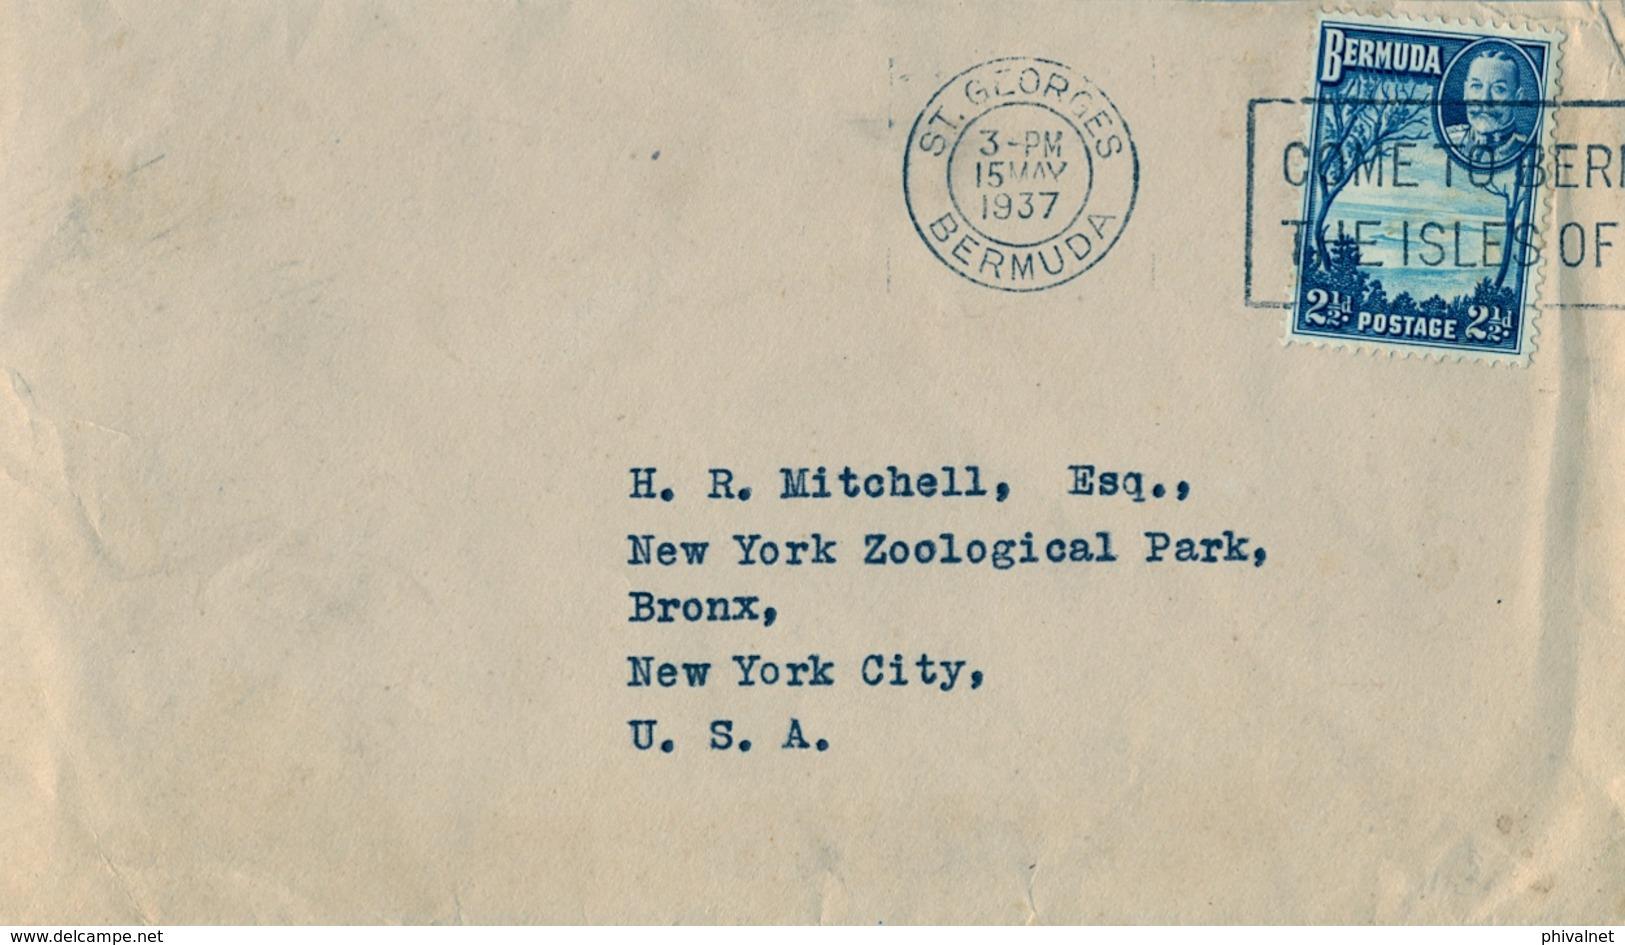 1937 , BERMUDA , SOBRE CIRCULADO , ST. GEORGES - NUEVA YORK - Bermudas